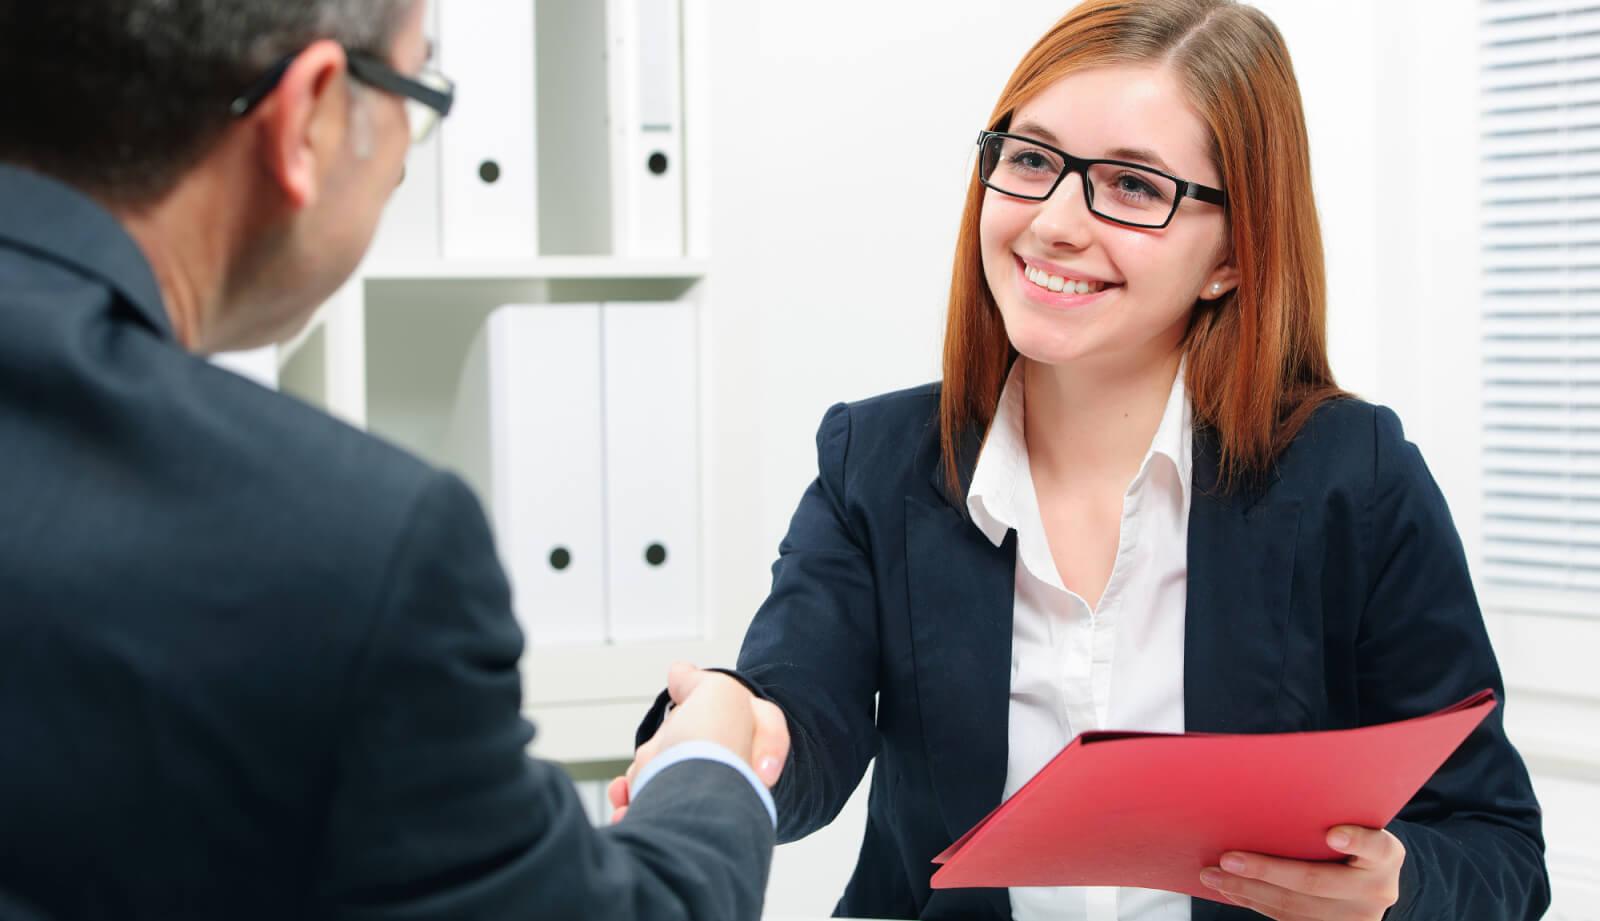 Образец обходного листа при приеме на работу и порядок его заполнения